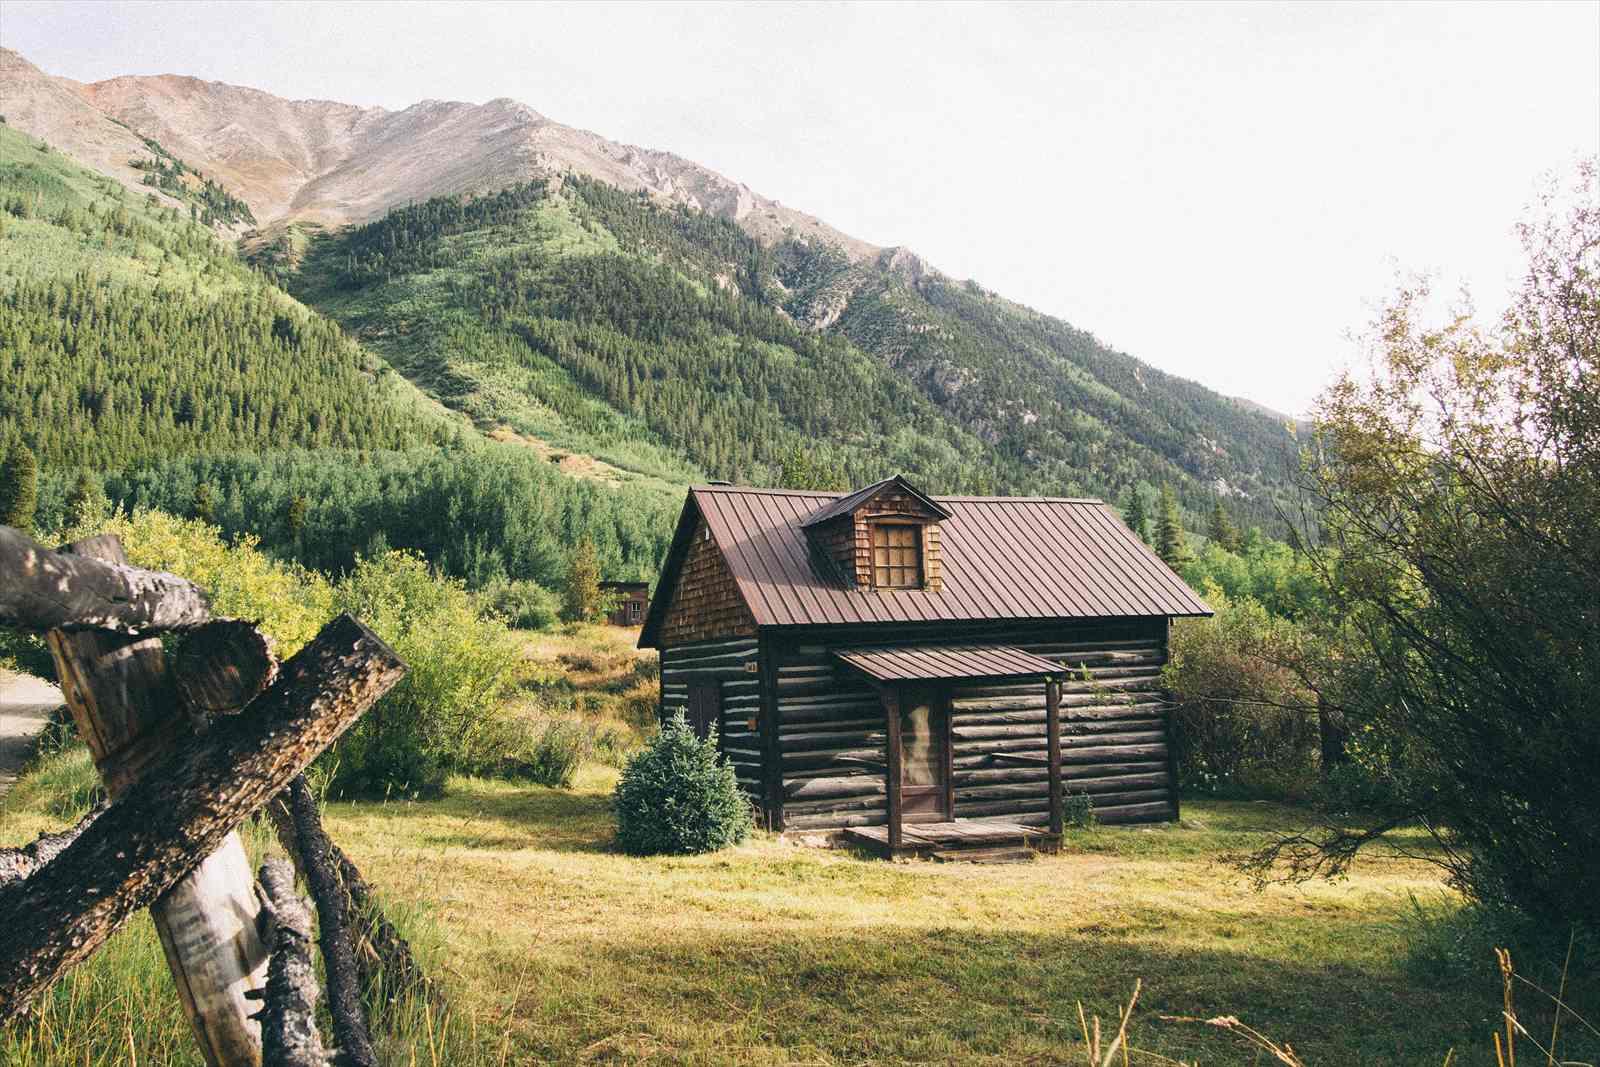 田舎暮らし向け中古物件の写真